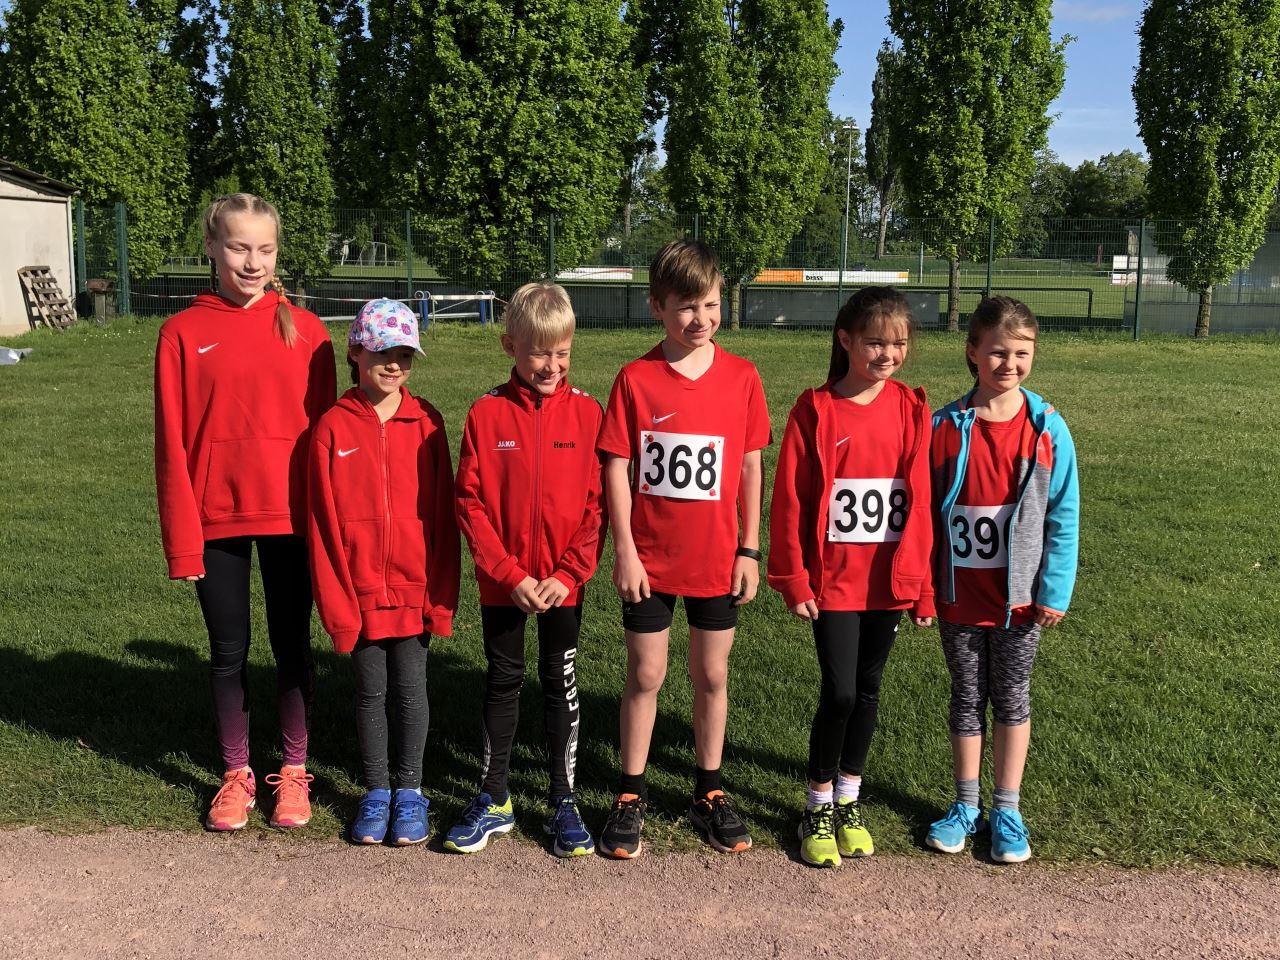 TV Schweinheim Leichtathletik beim Kinder- und Jugendsportfest der DJK Aschaffenburg